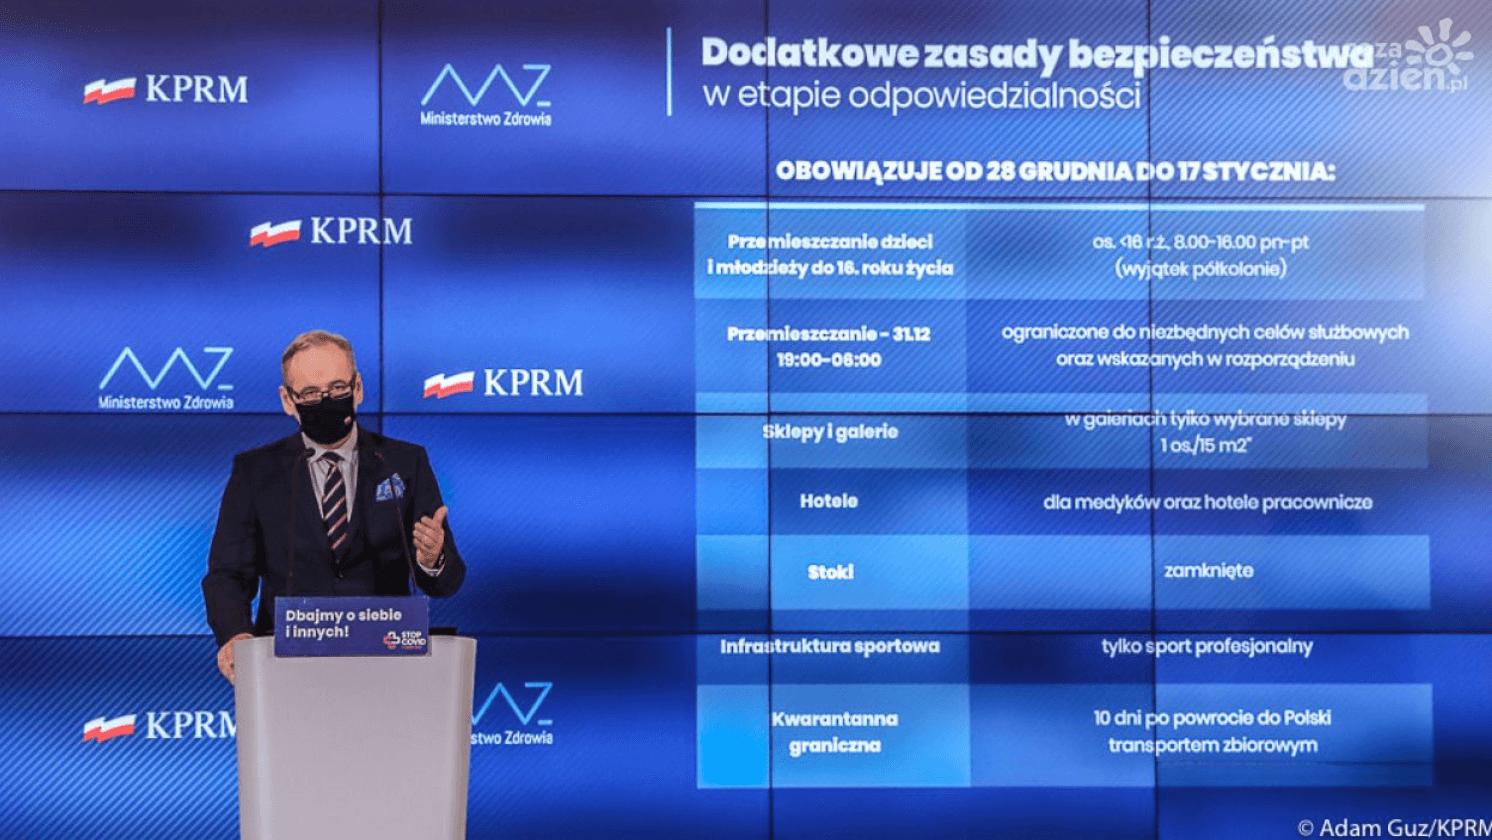 Закрытие торговых центров и запрет выходить на улицу: новые карантинные ограничения в Польше - UniverPL